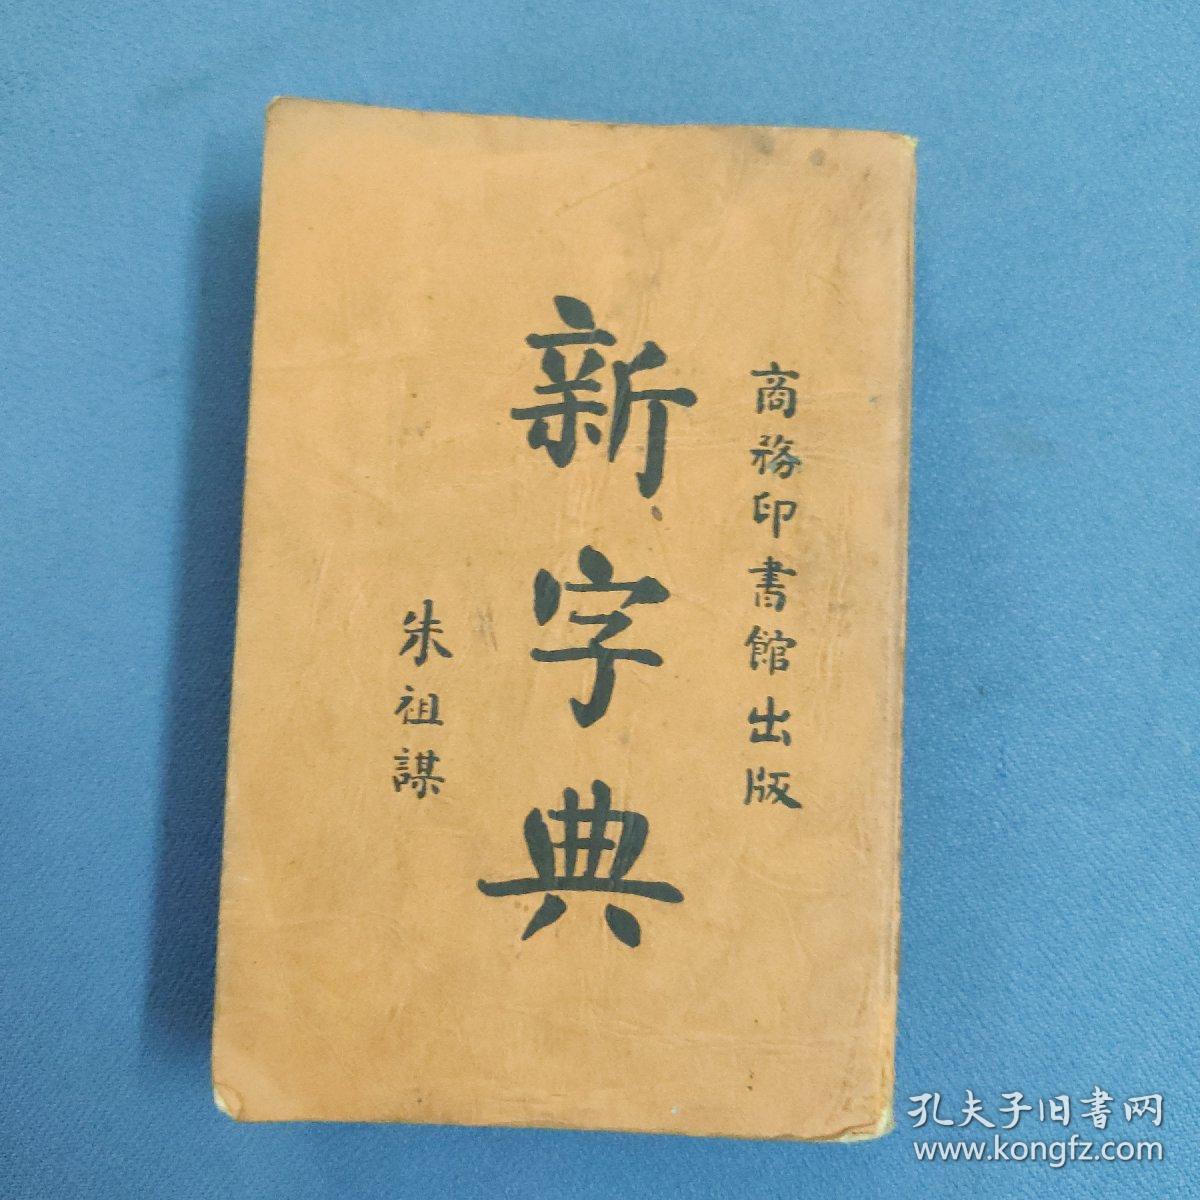 缩本--新字典--商务印书馆78年重印